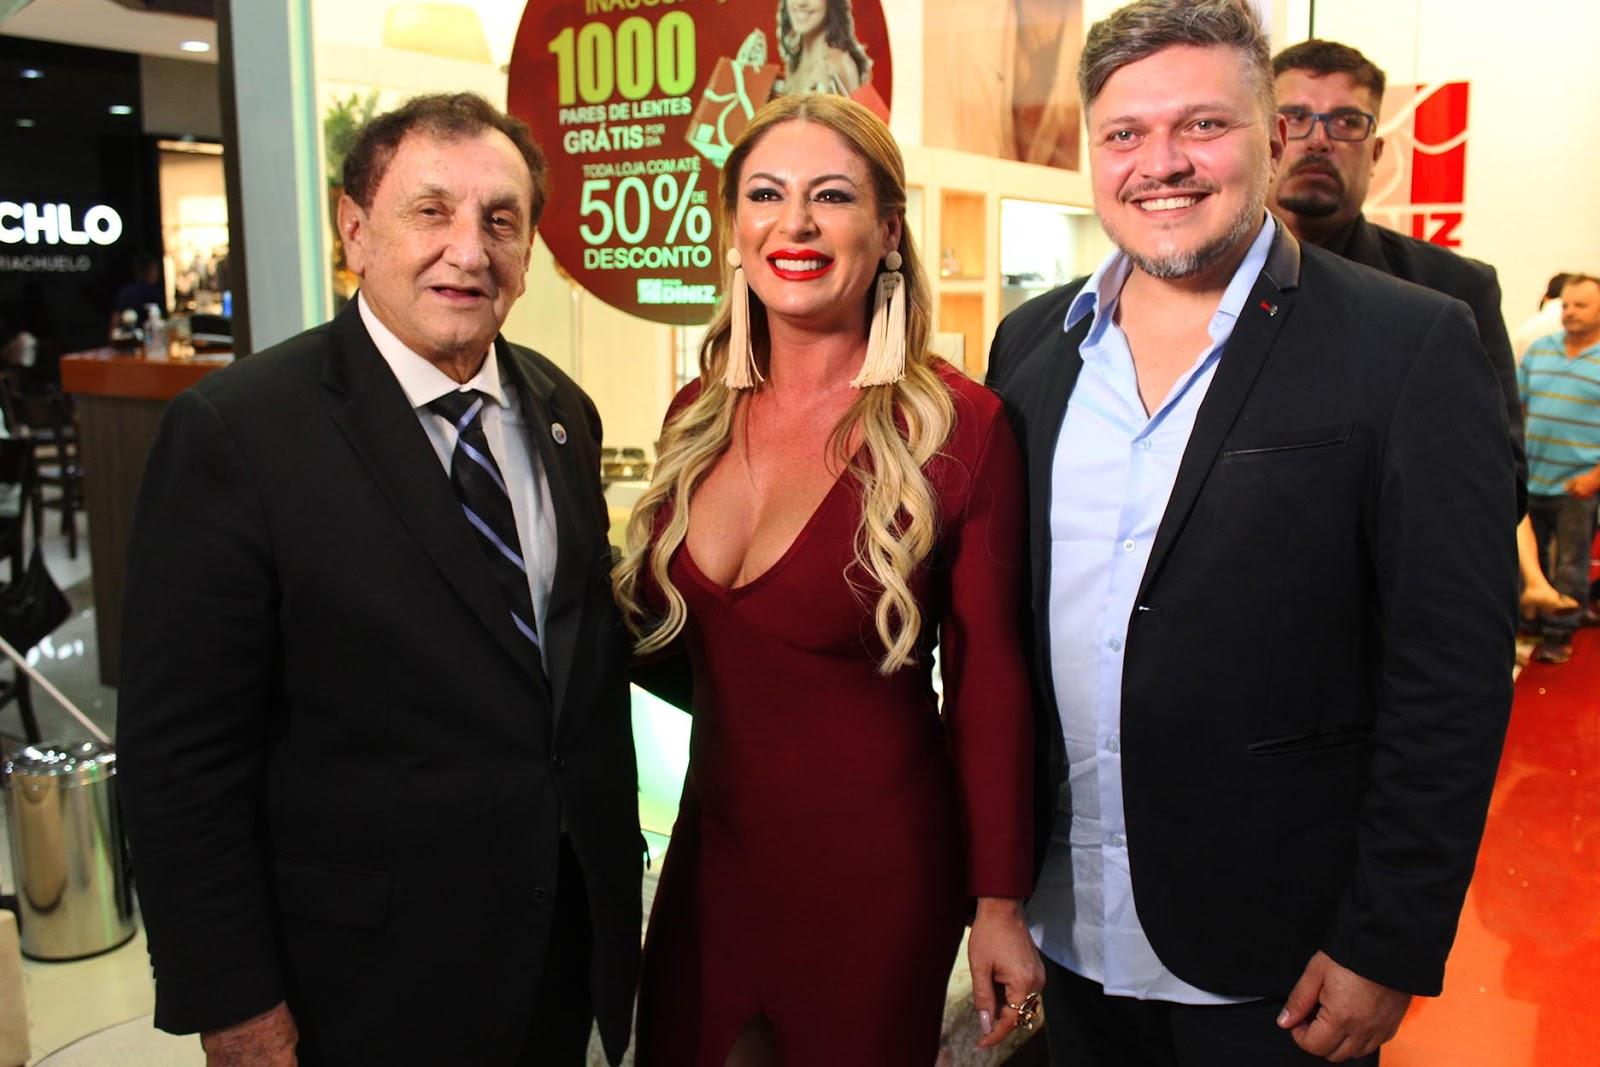 O prefeito Francisco de Assis Moraes Souza prestigiando a inauguração da  empresária Alexsandra Diniz com o supervisor Raul Vasconcelos. ab7f1db3d4